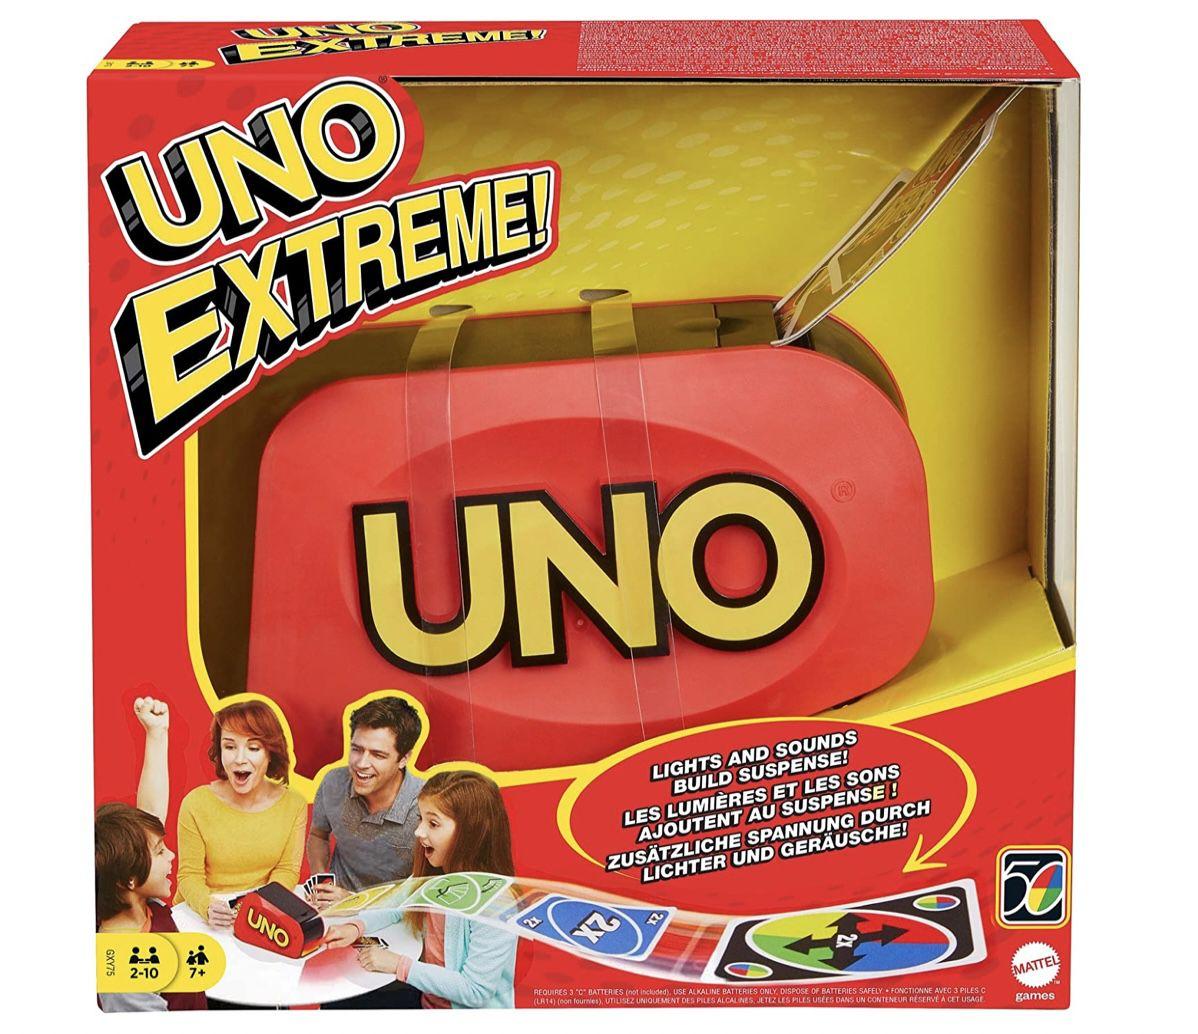 Mattel Games GXY75 – UNO Extreme Kartenspiel mit Zufallsschleuder für 2 bis 10 Spieler für 24€ (statt 34€) – Prime